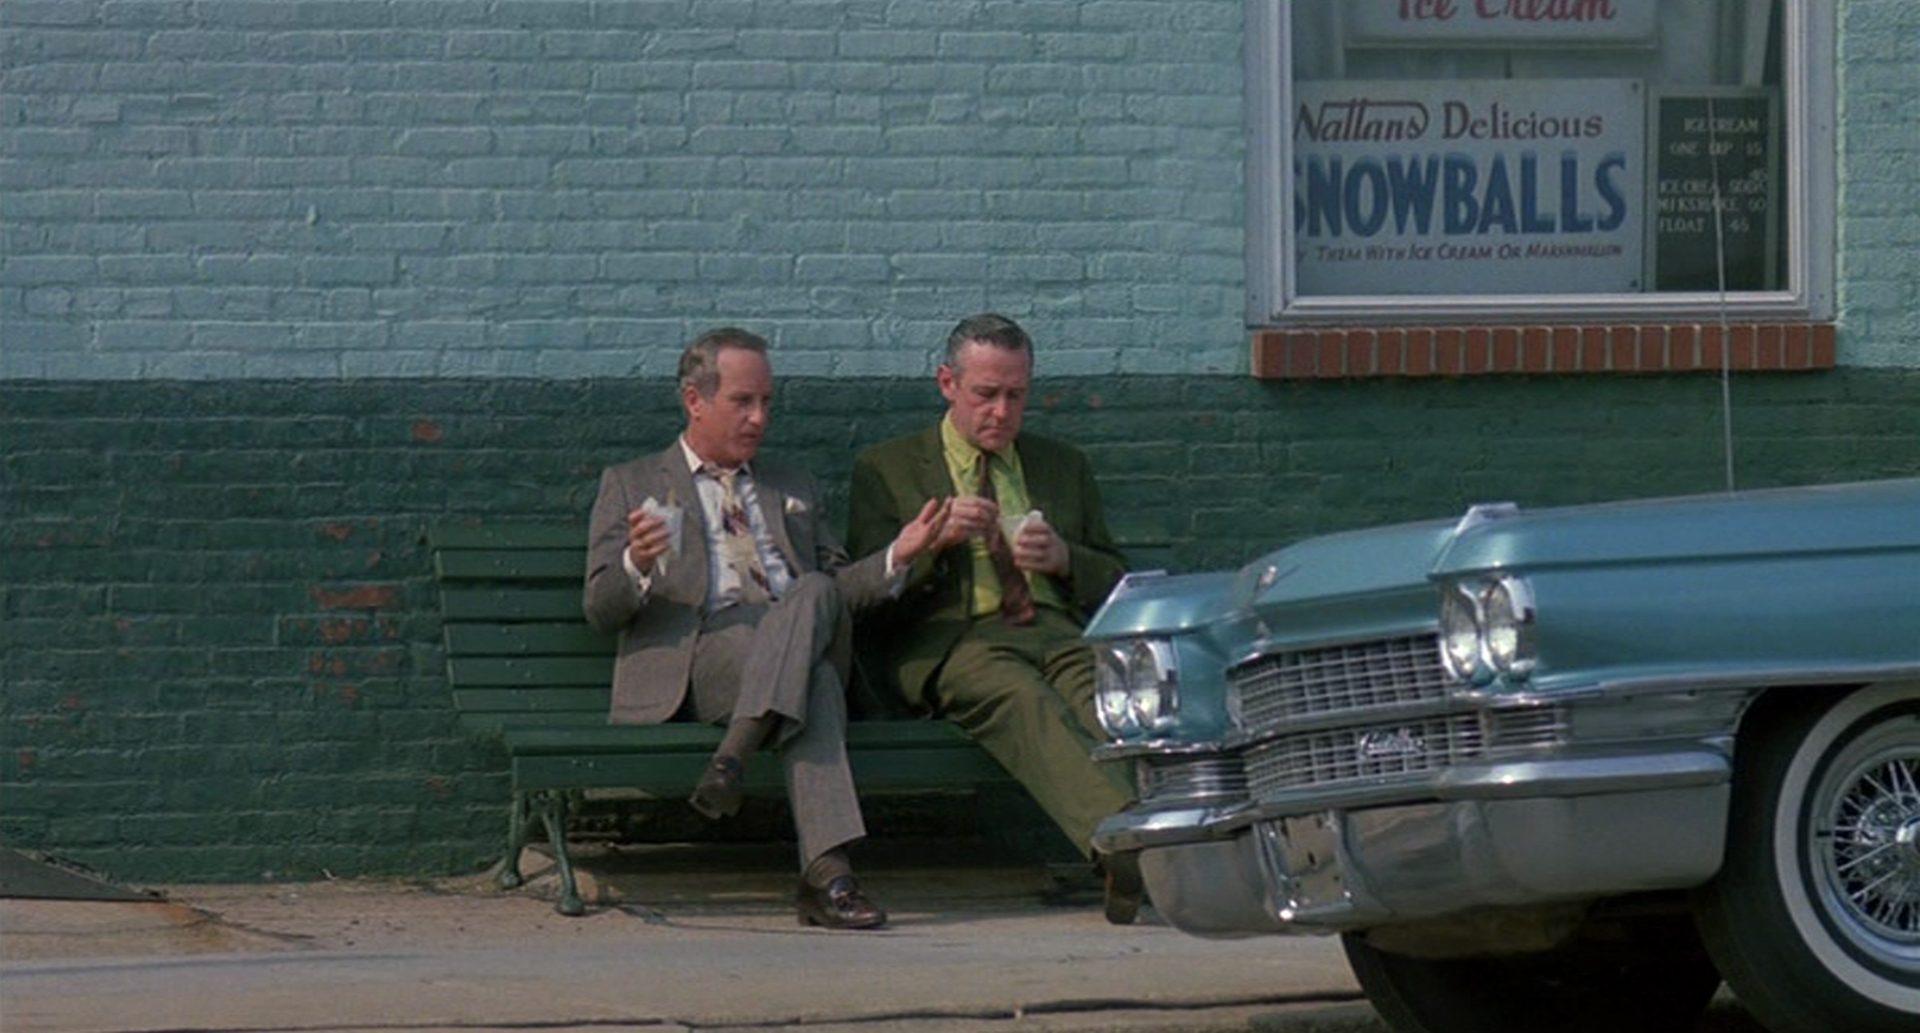 Babowsky und Moe Adams unterhalten sich auf einer Bank vor einer Mauer, im Vordergrund die Front einer chromlastigen Limousine.